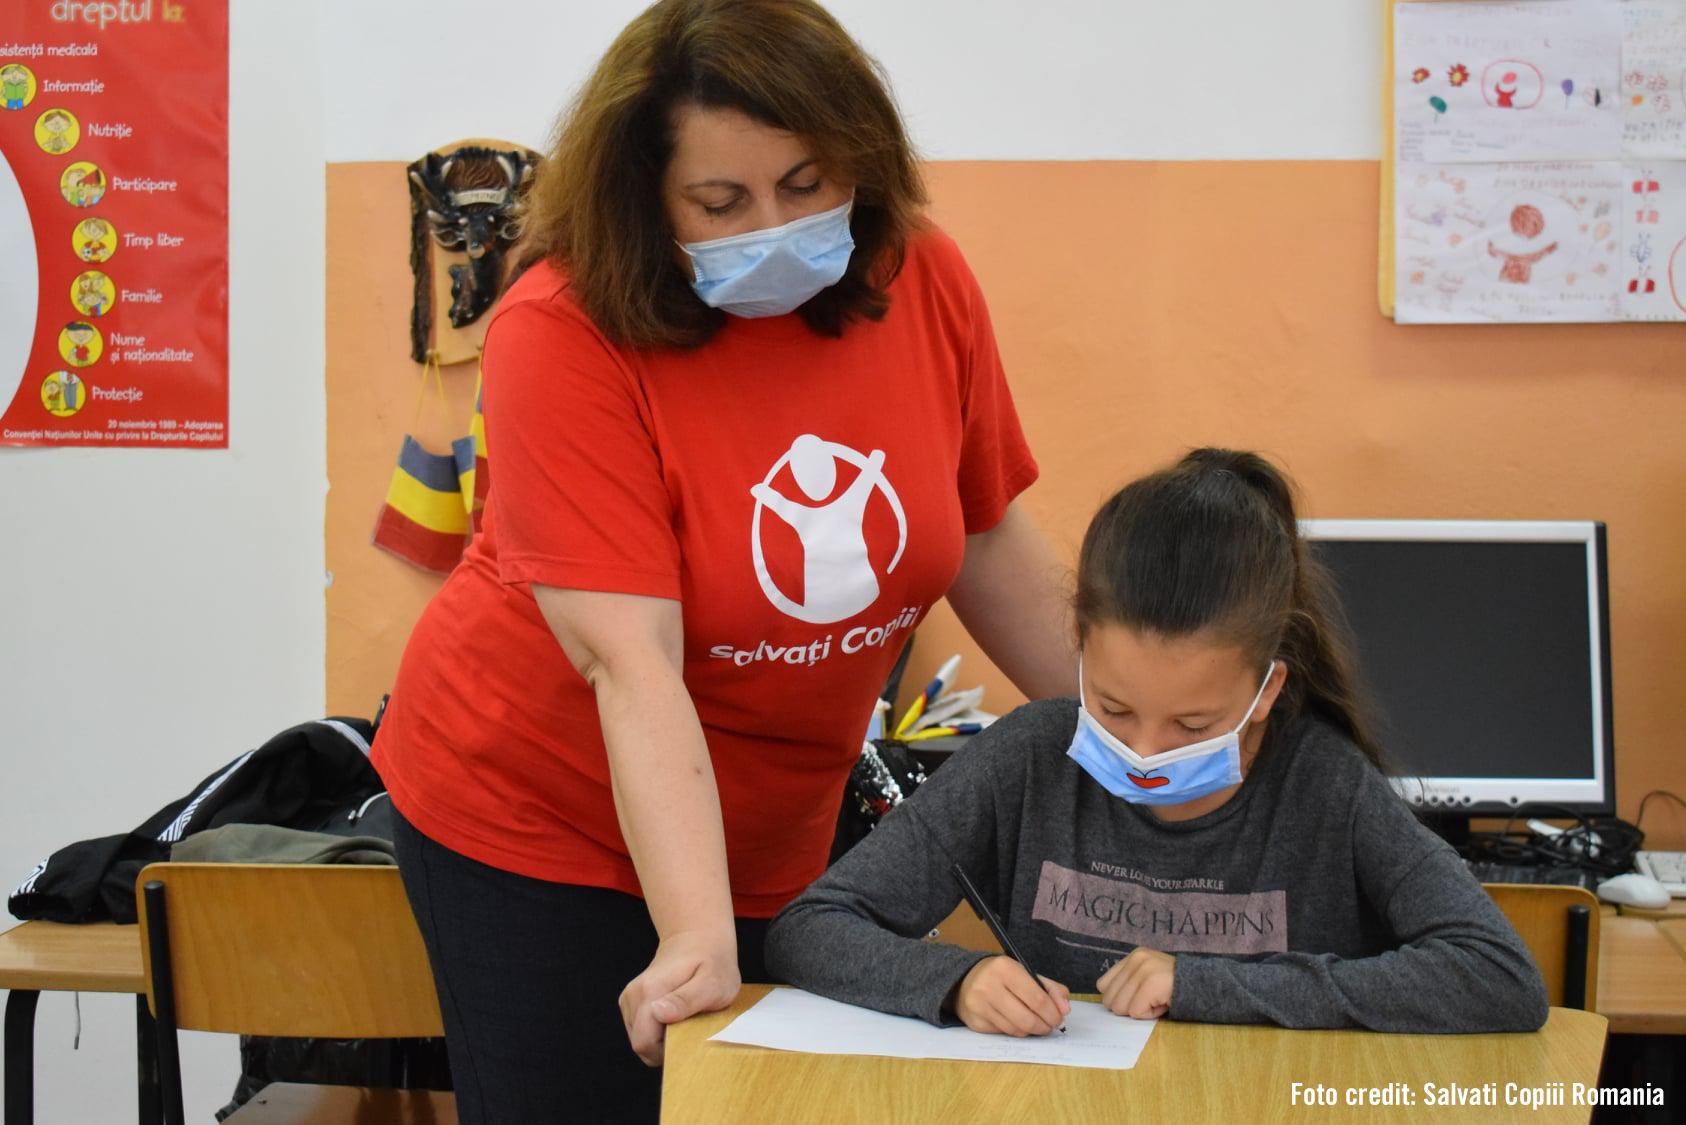 Anchetă Salvați Copiii: aproape 80% dintre școlile analizate vor revenirea la ore în format clasic, dar nu au cabinete medicale suficiente